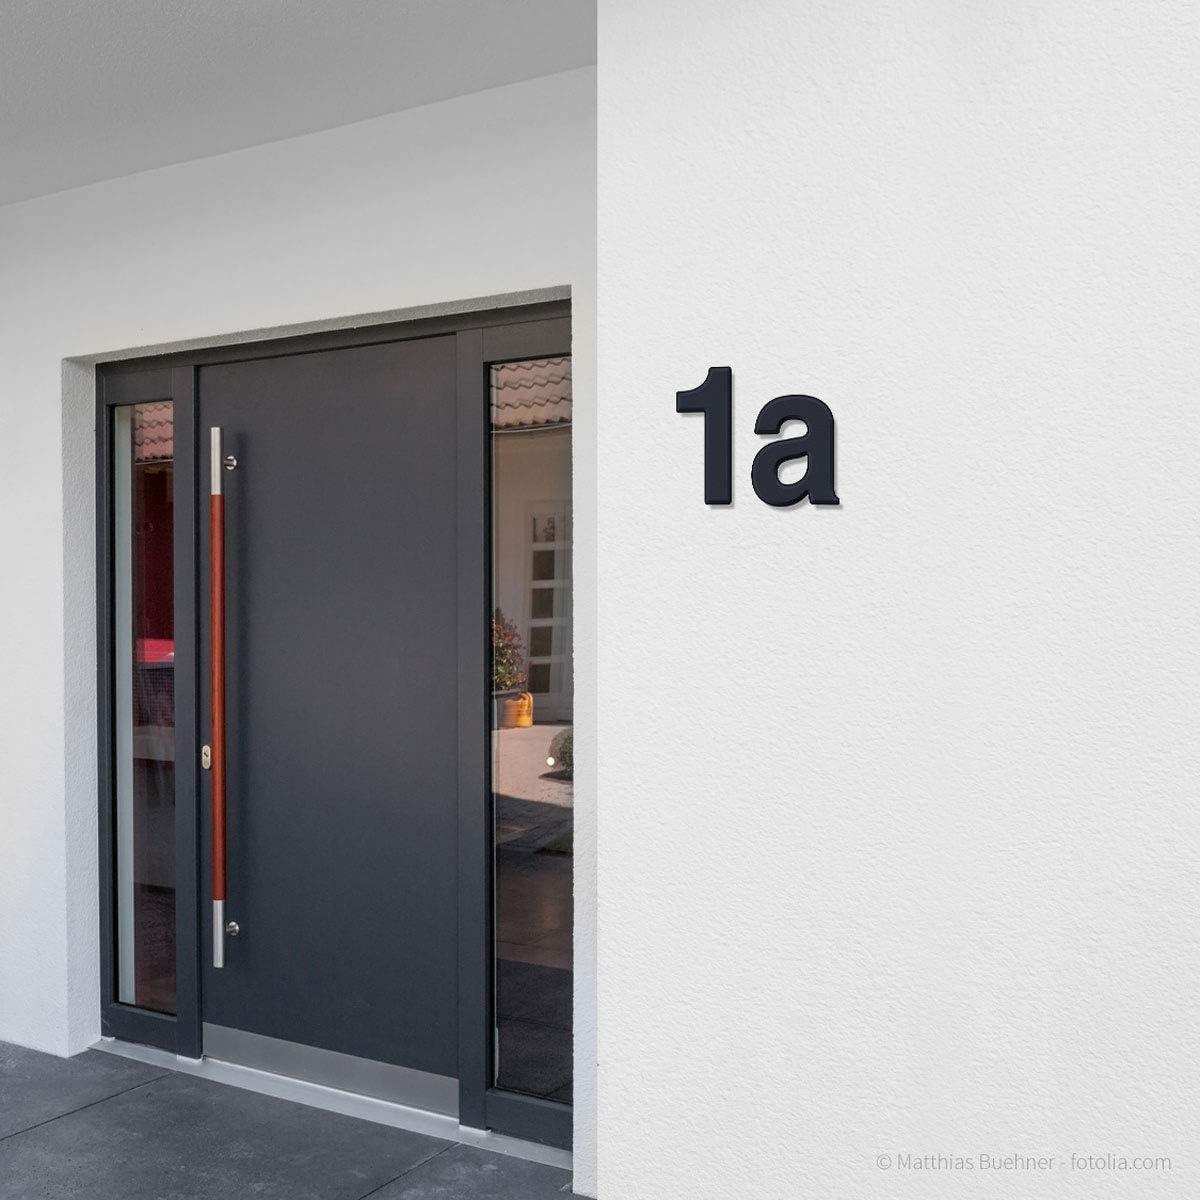 Thorwa /® design num/éro de maison en acier inoxydable avec rev/êtement a alunovo canal serre rAL 7016 anthracite